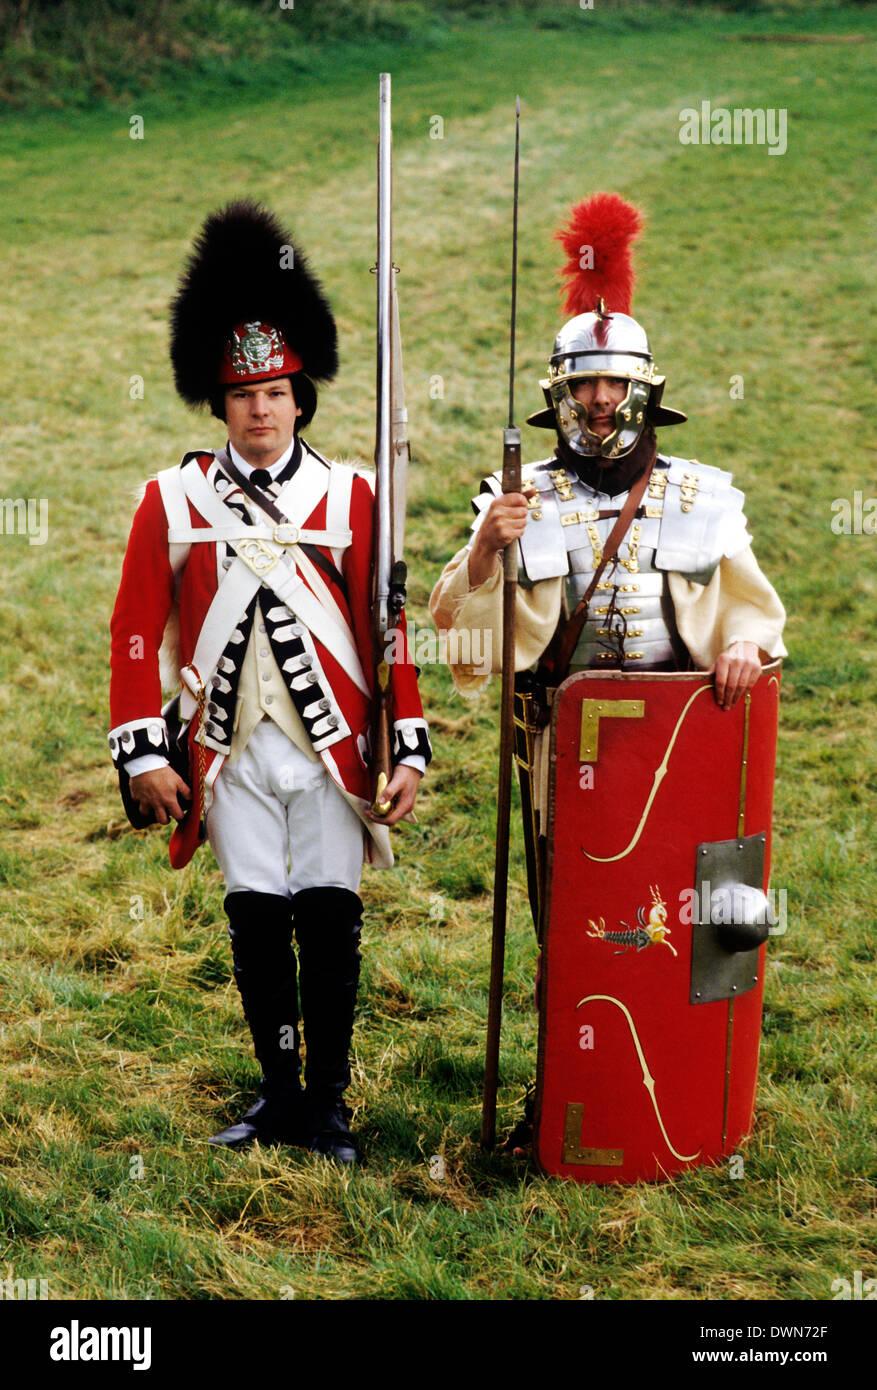 Soldaten in der britischen Geschichte, 18. Jahrhundert Fußsoldaten und 2. Jahrhundert römisch, historische Reenactment Multi Zeiträume hinweg im Wandel der Zeit Stockbild